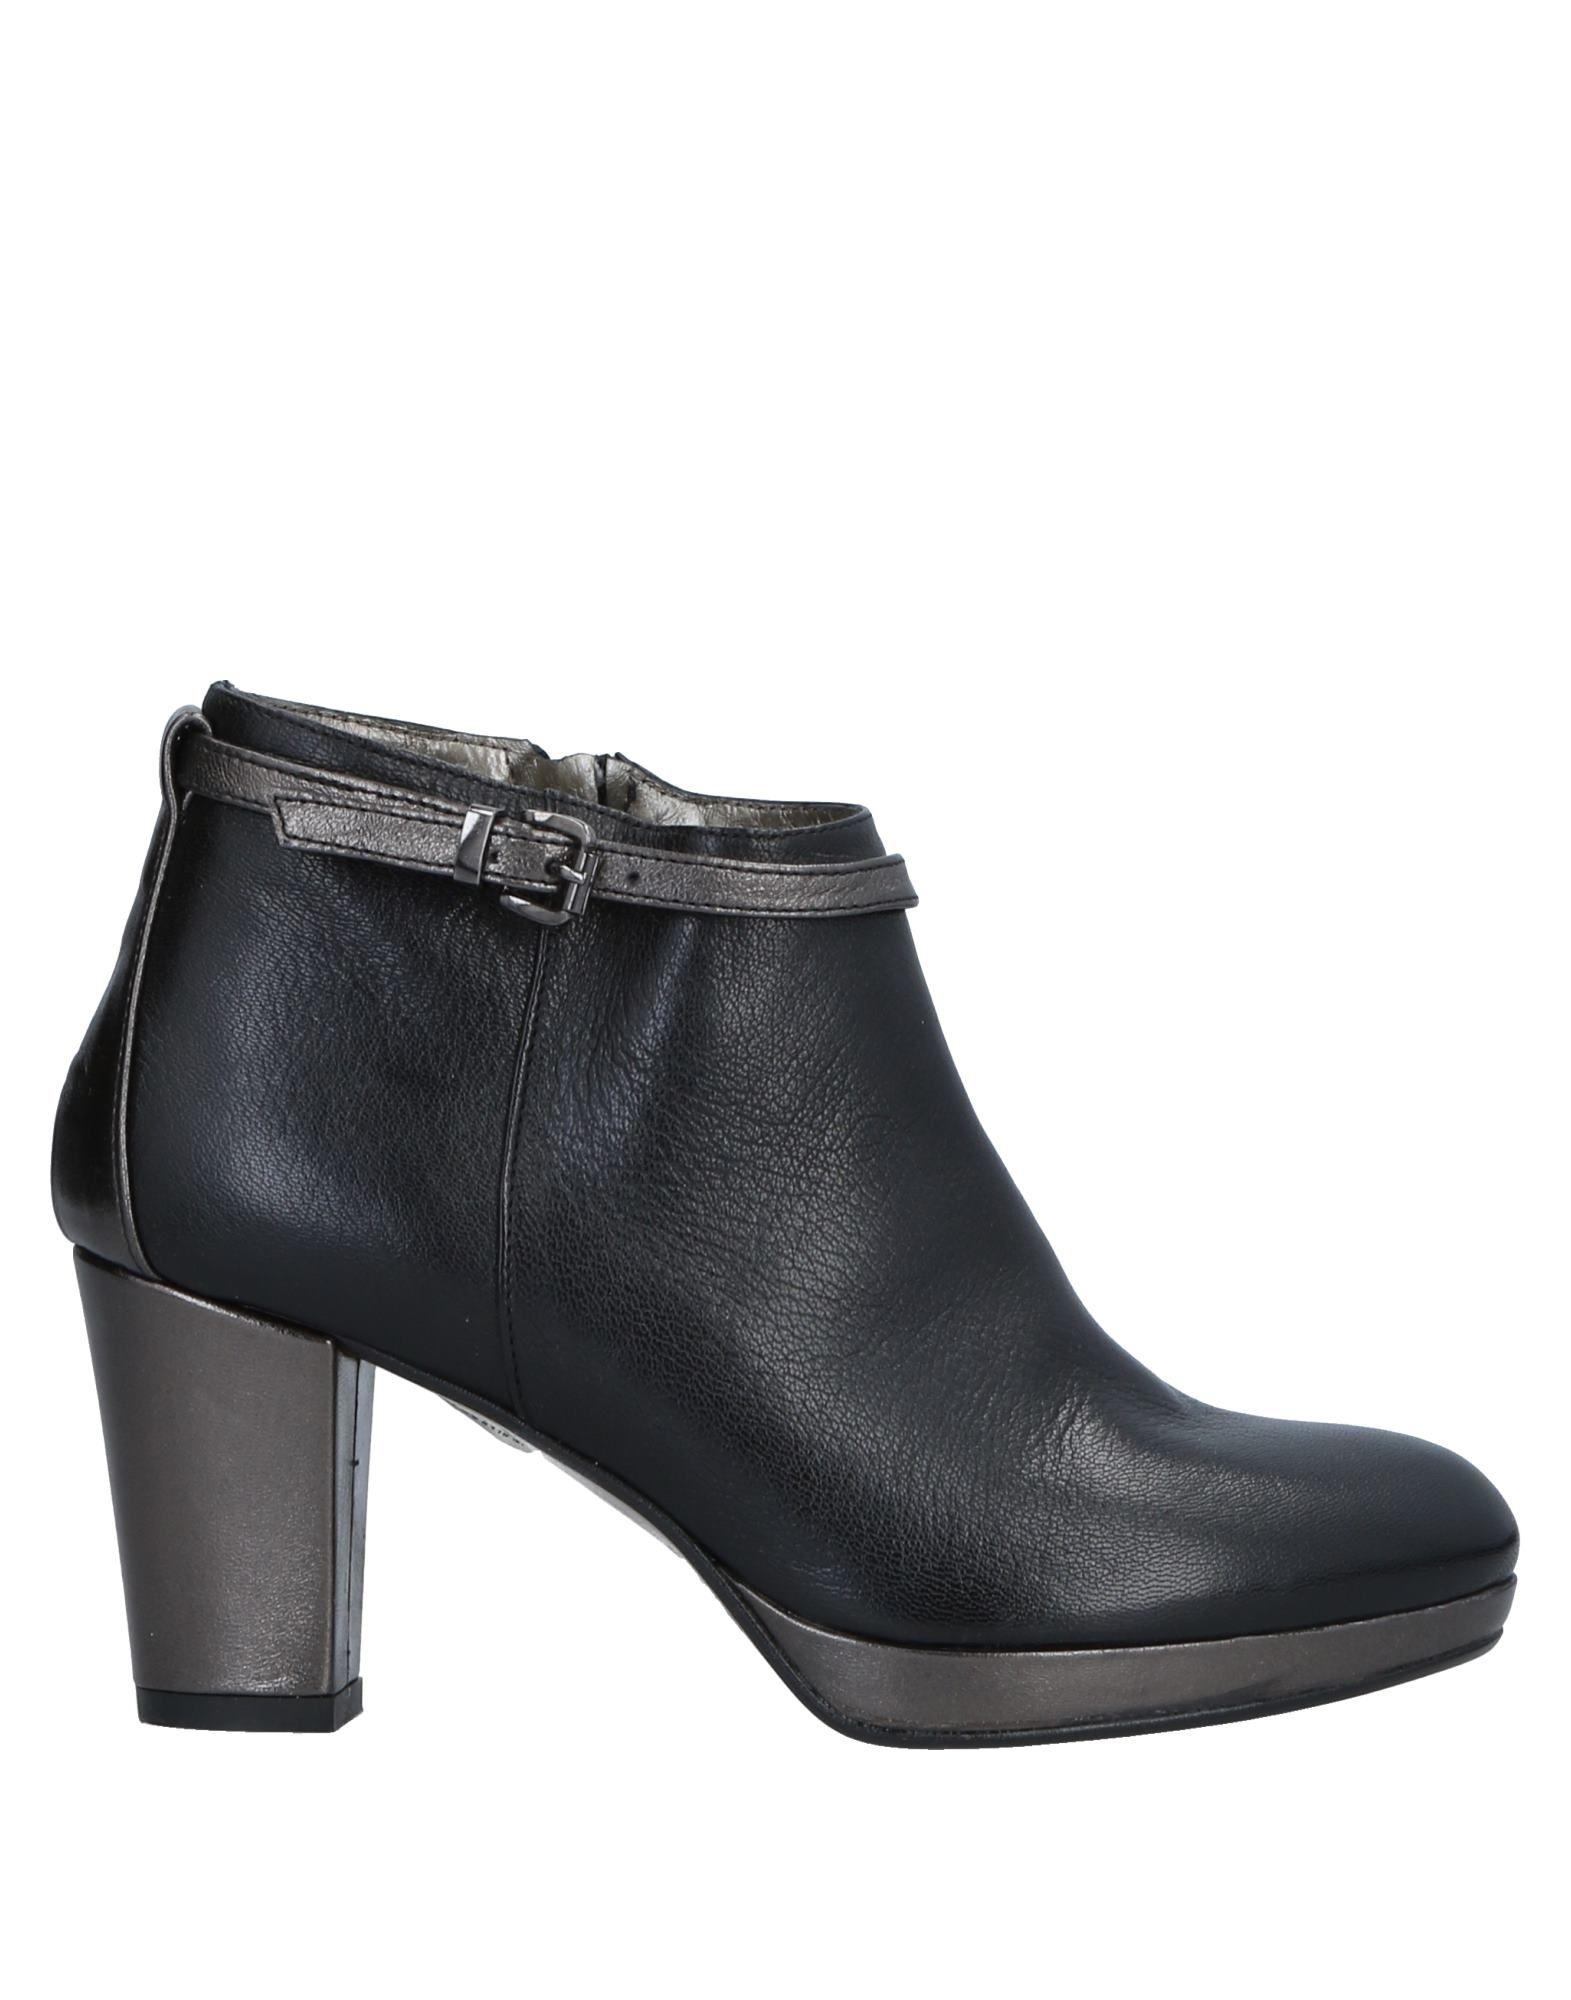 Roberto D'angelo Stiefelette Damen  11537662RT Gute Qualität beliebte Schuhe